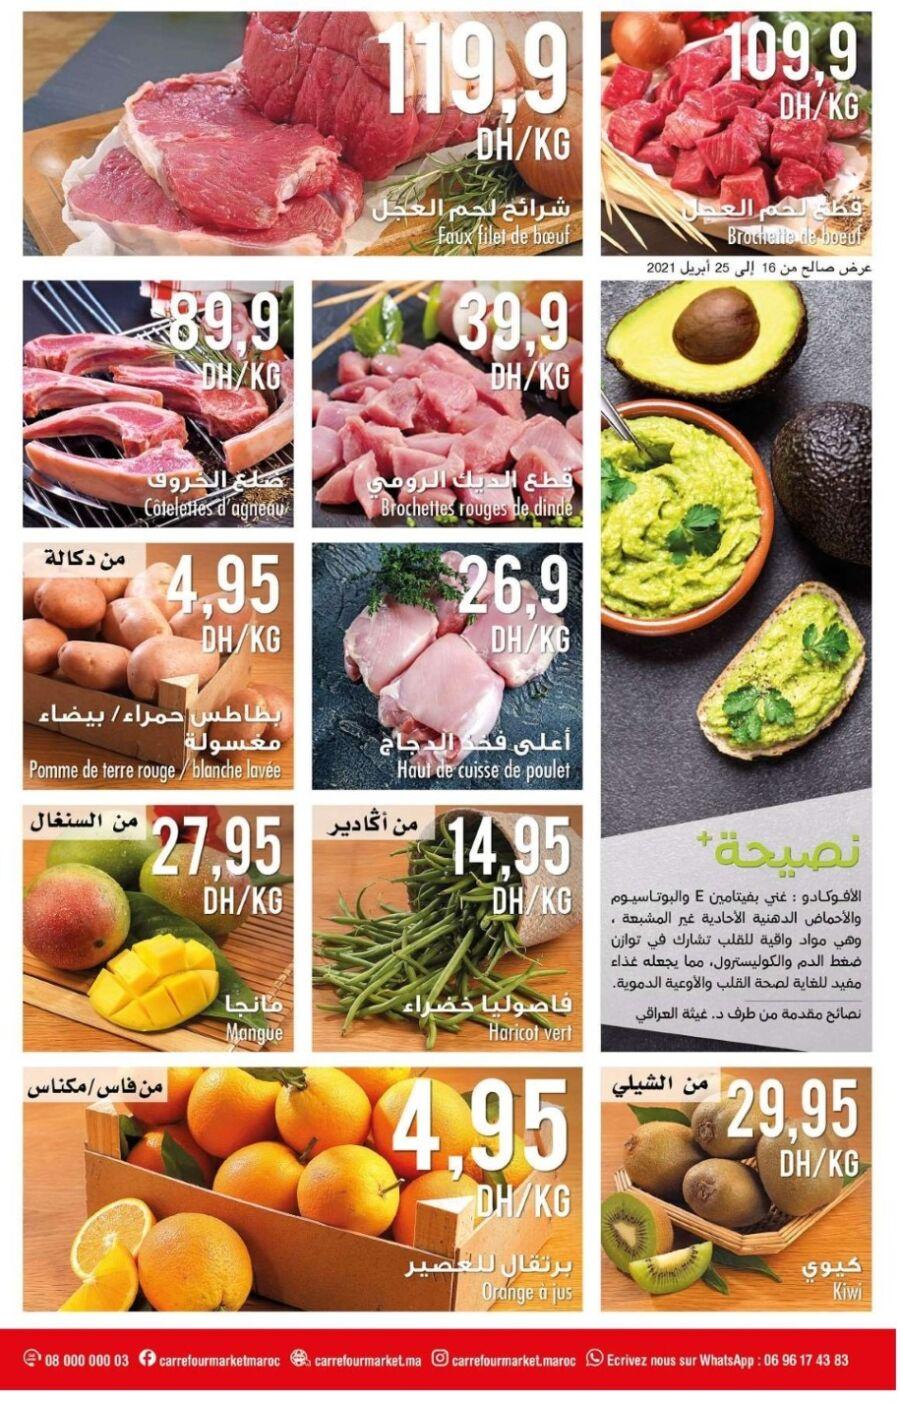 Catalogue Carrefour Market Maroc رمضان كريم du 16 au 28 Avril 2021